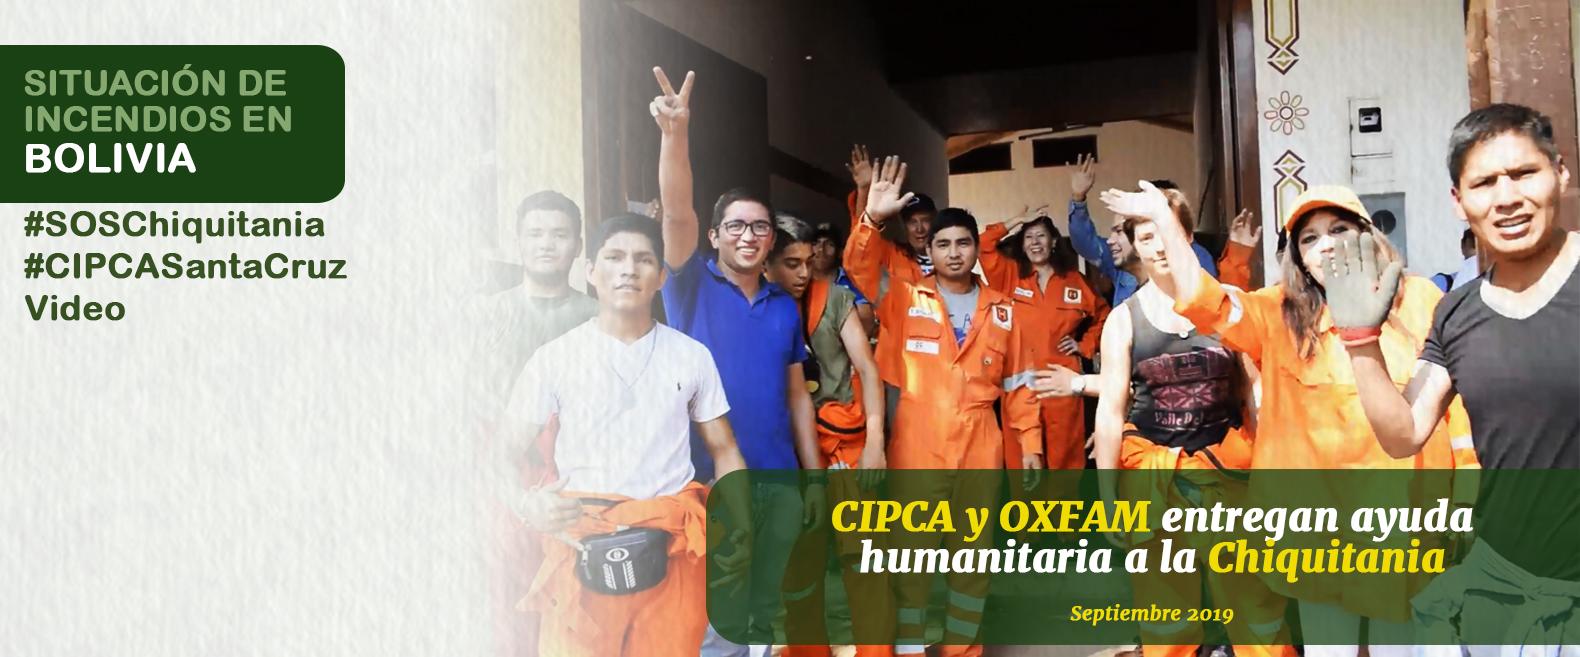 CIPCA y OXFAM entregan ayuda humanitaria a la Chiquitania